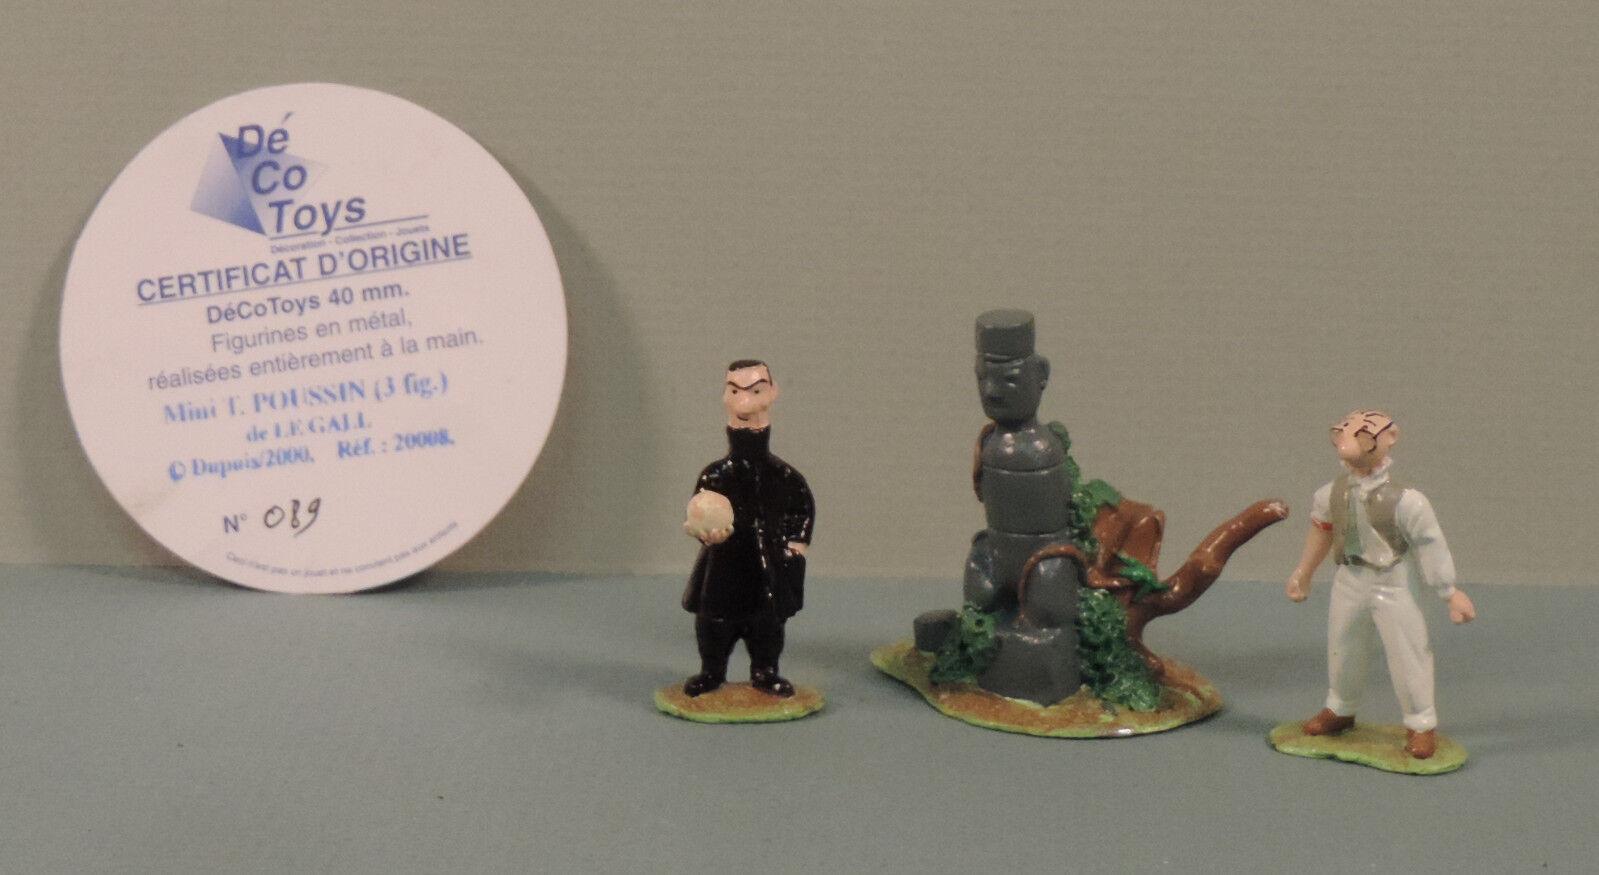 Theodore Poussin et Mr Novembre mini statuette metal Decotoys 20008 numerote